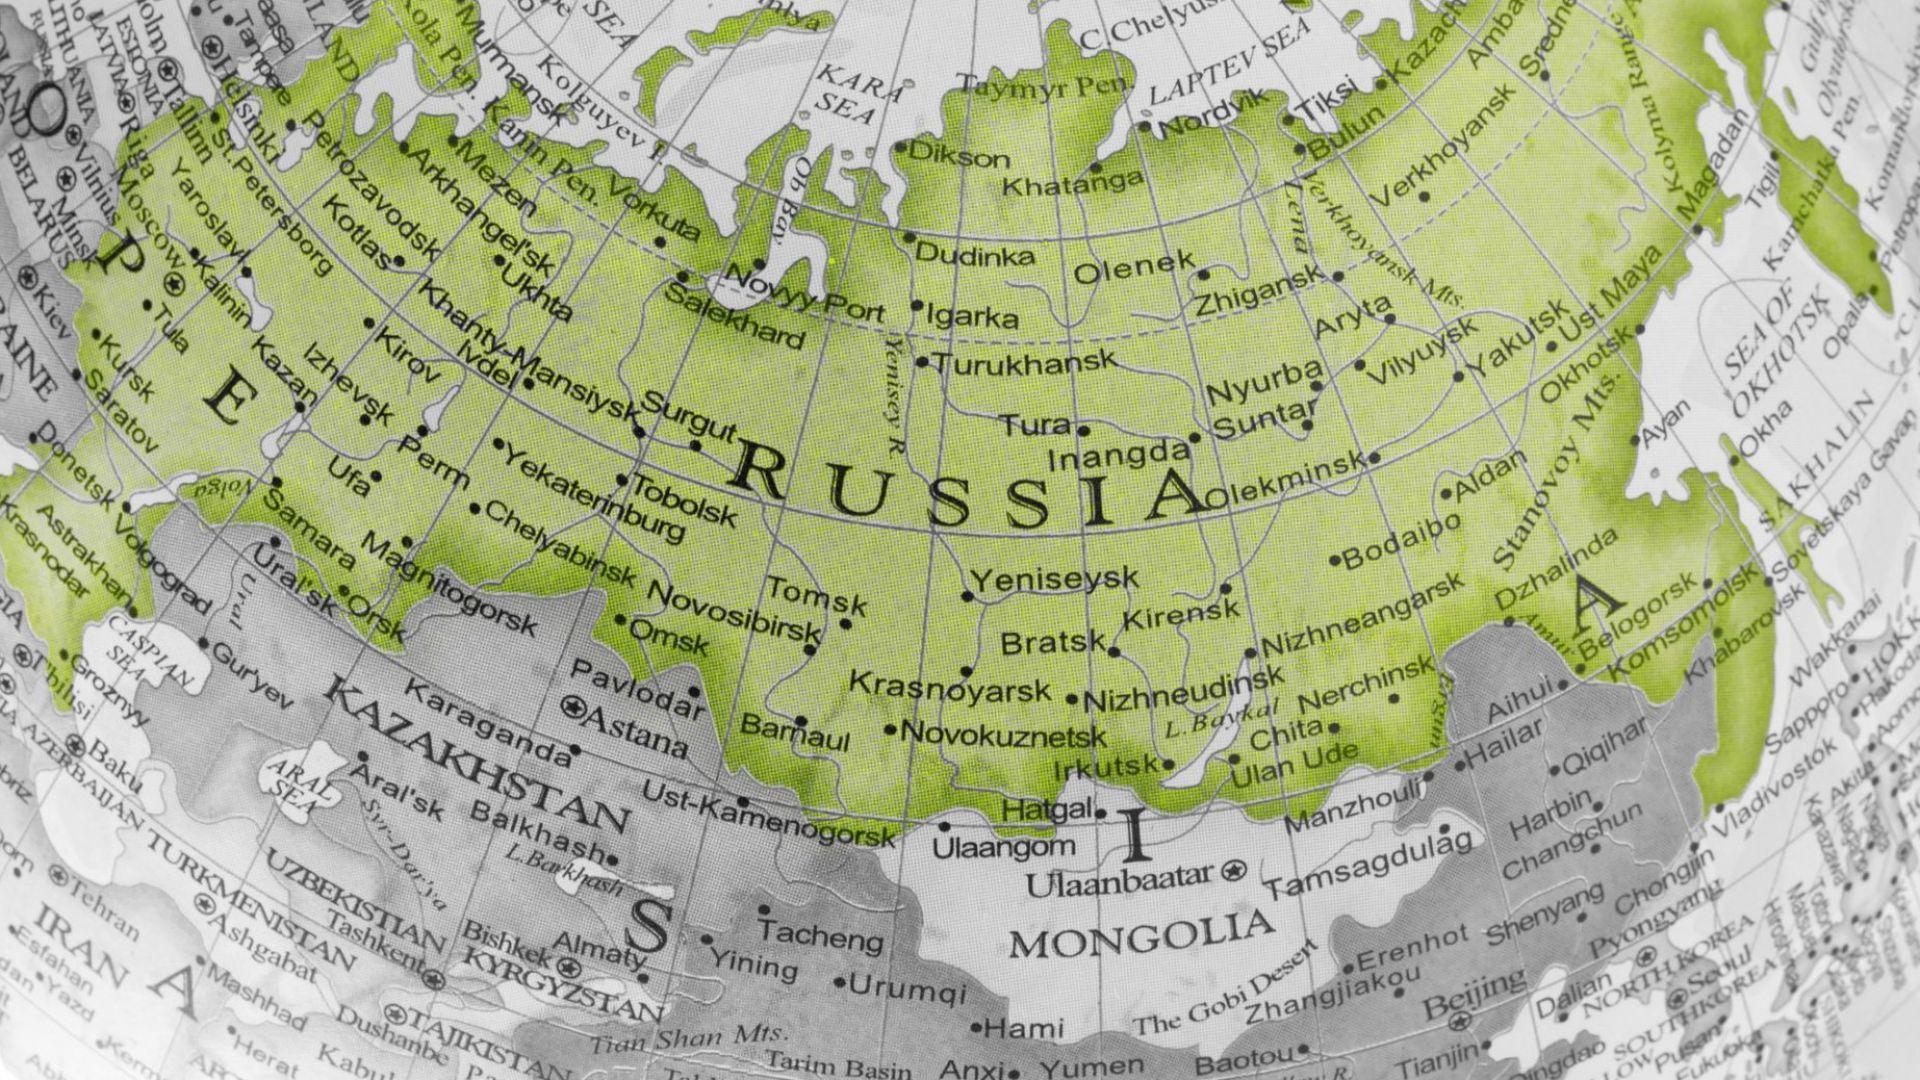 Територията на най-голямата държава в света - Русия, се увеличава,